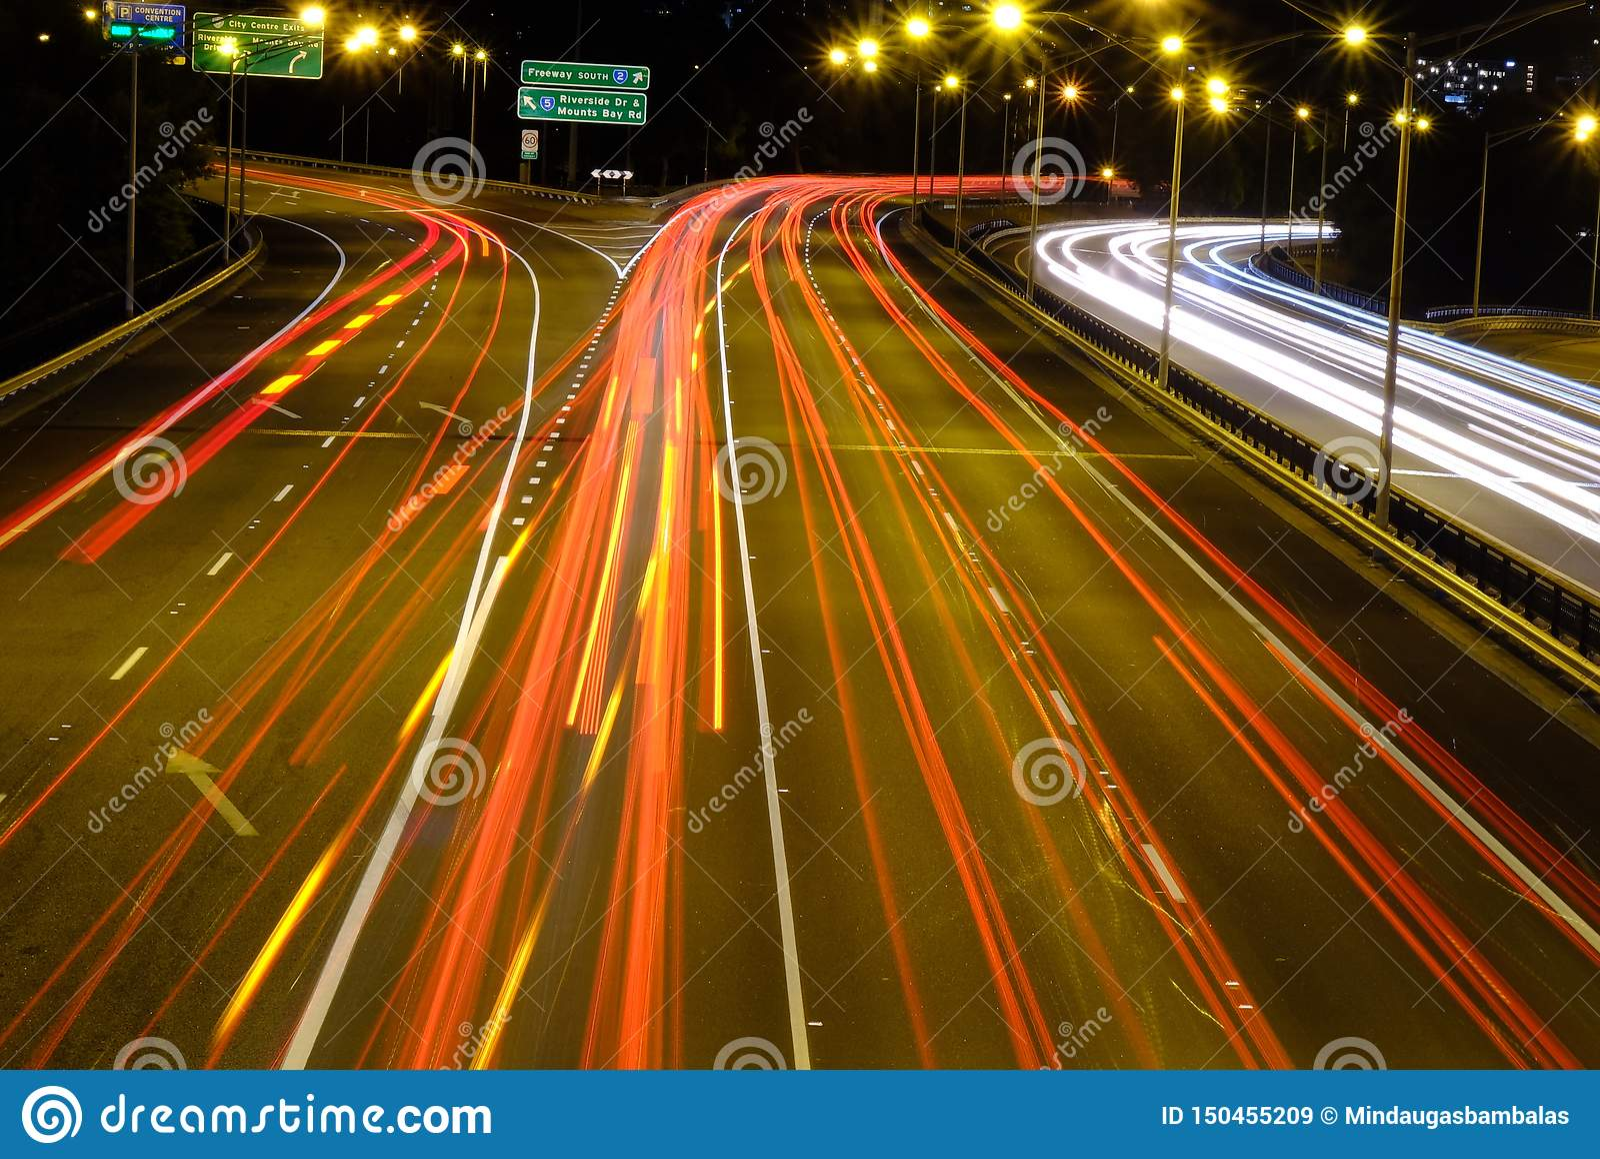 Κυκλοφορία νύχτας στη μεγάλη πόλη Περθ